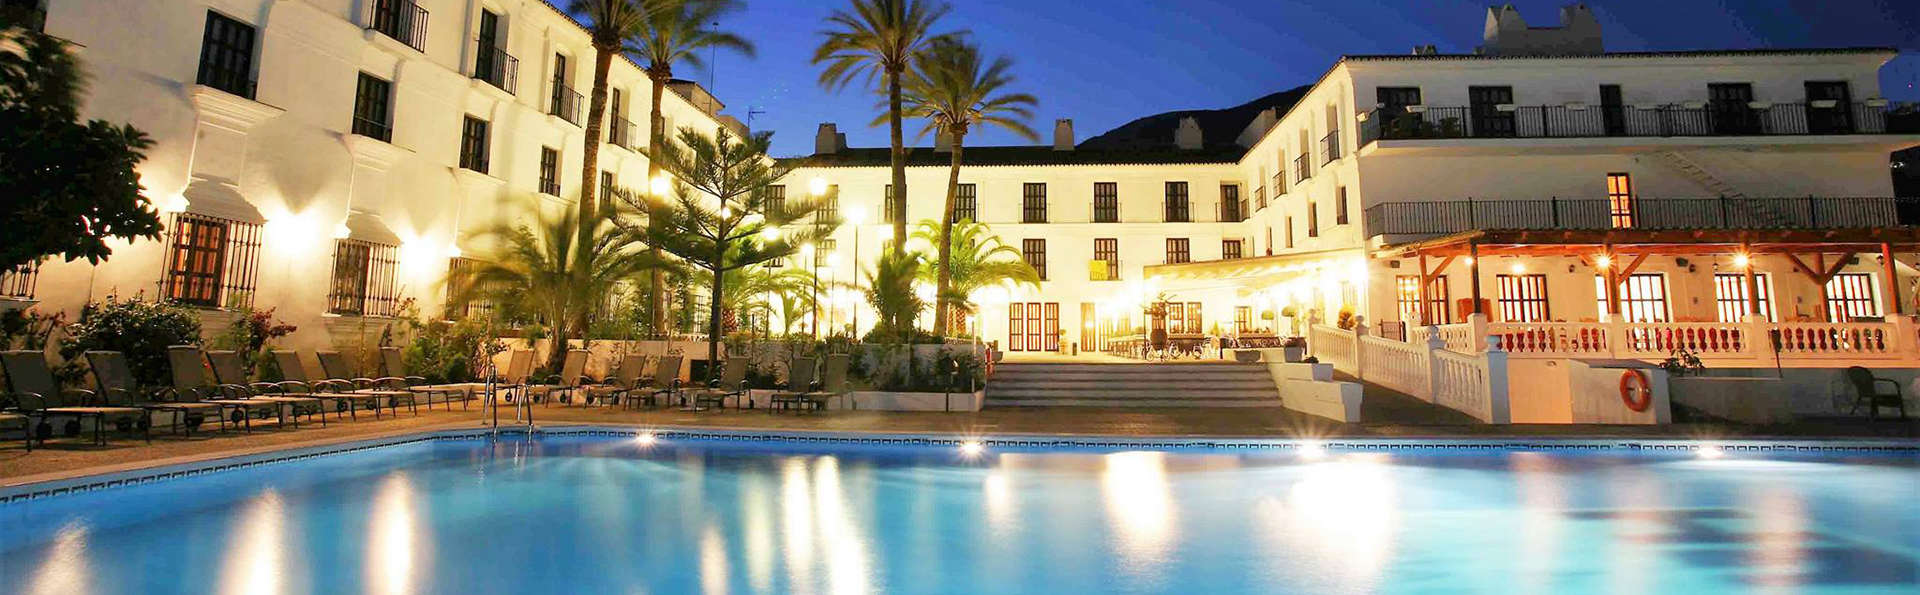 Hotel hacienda puerta del sol inactive h tel de charme mijas - Hotel puerta del sol mijas ...